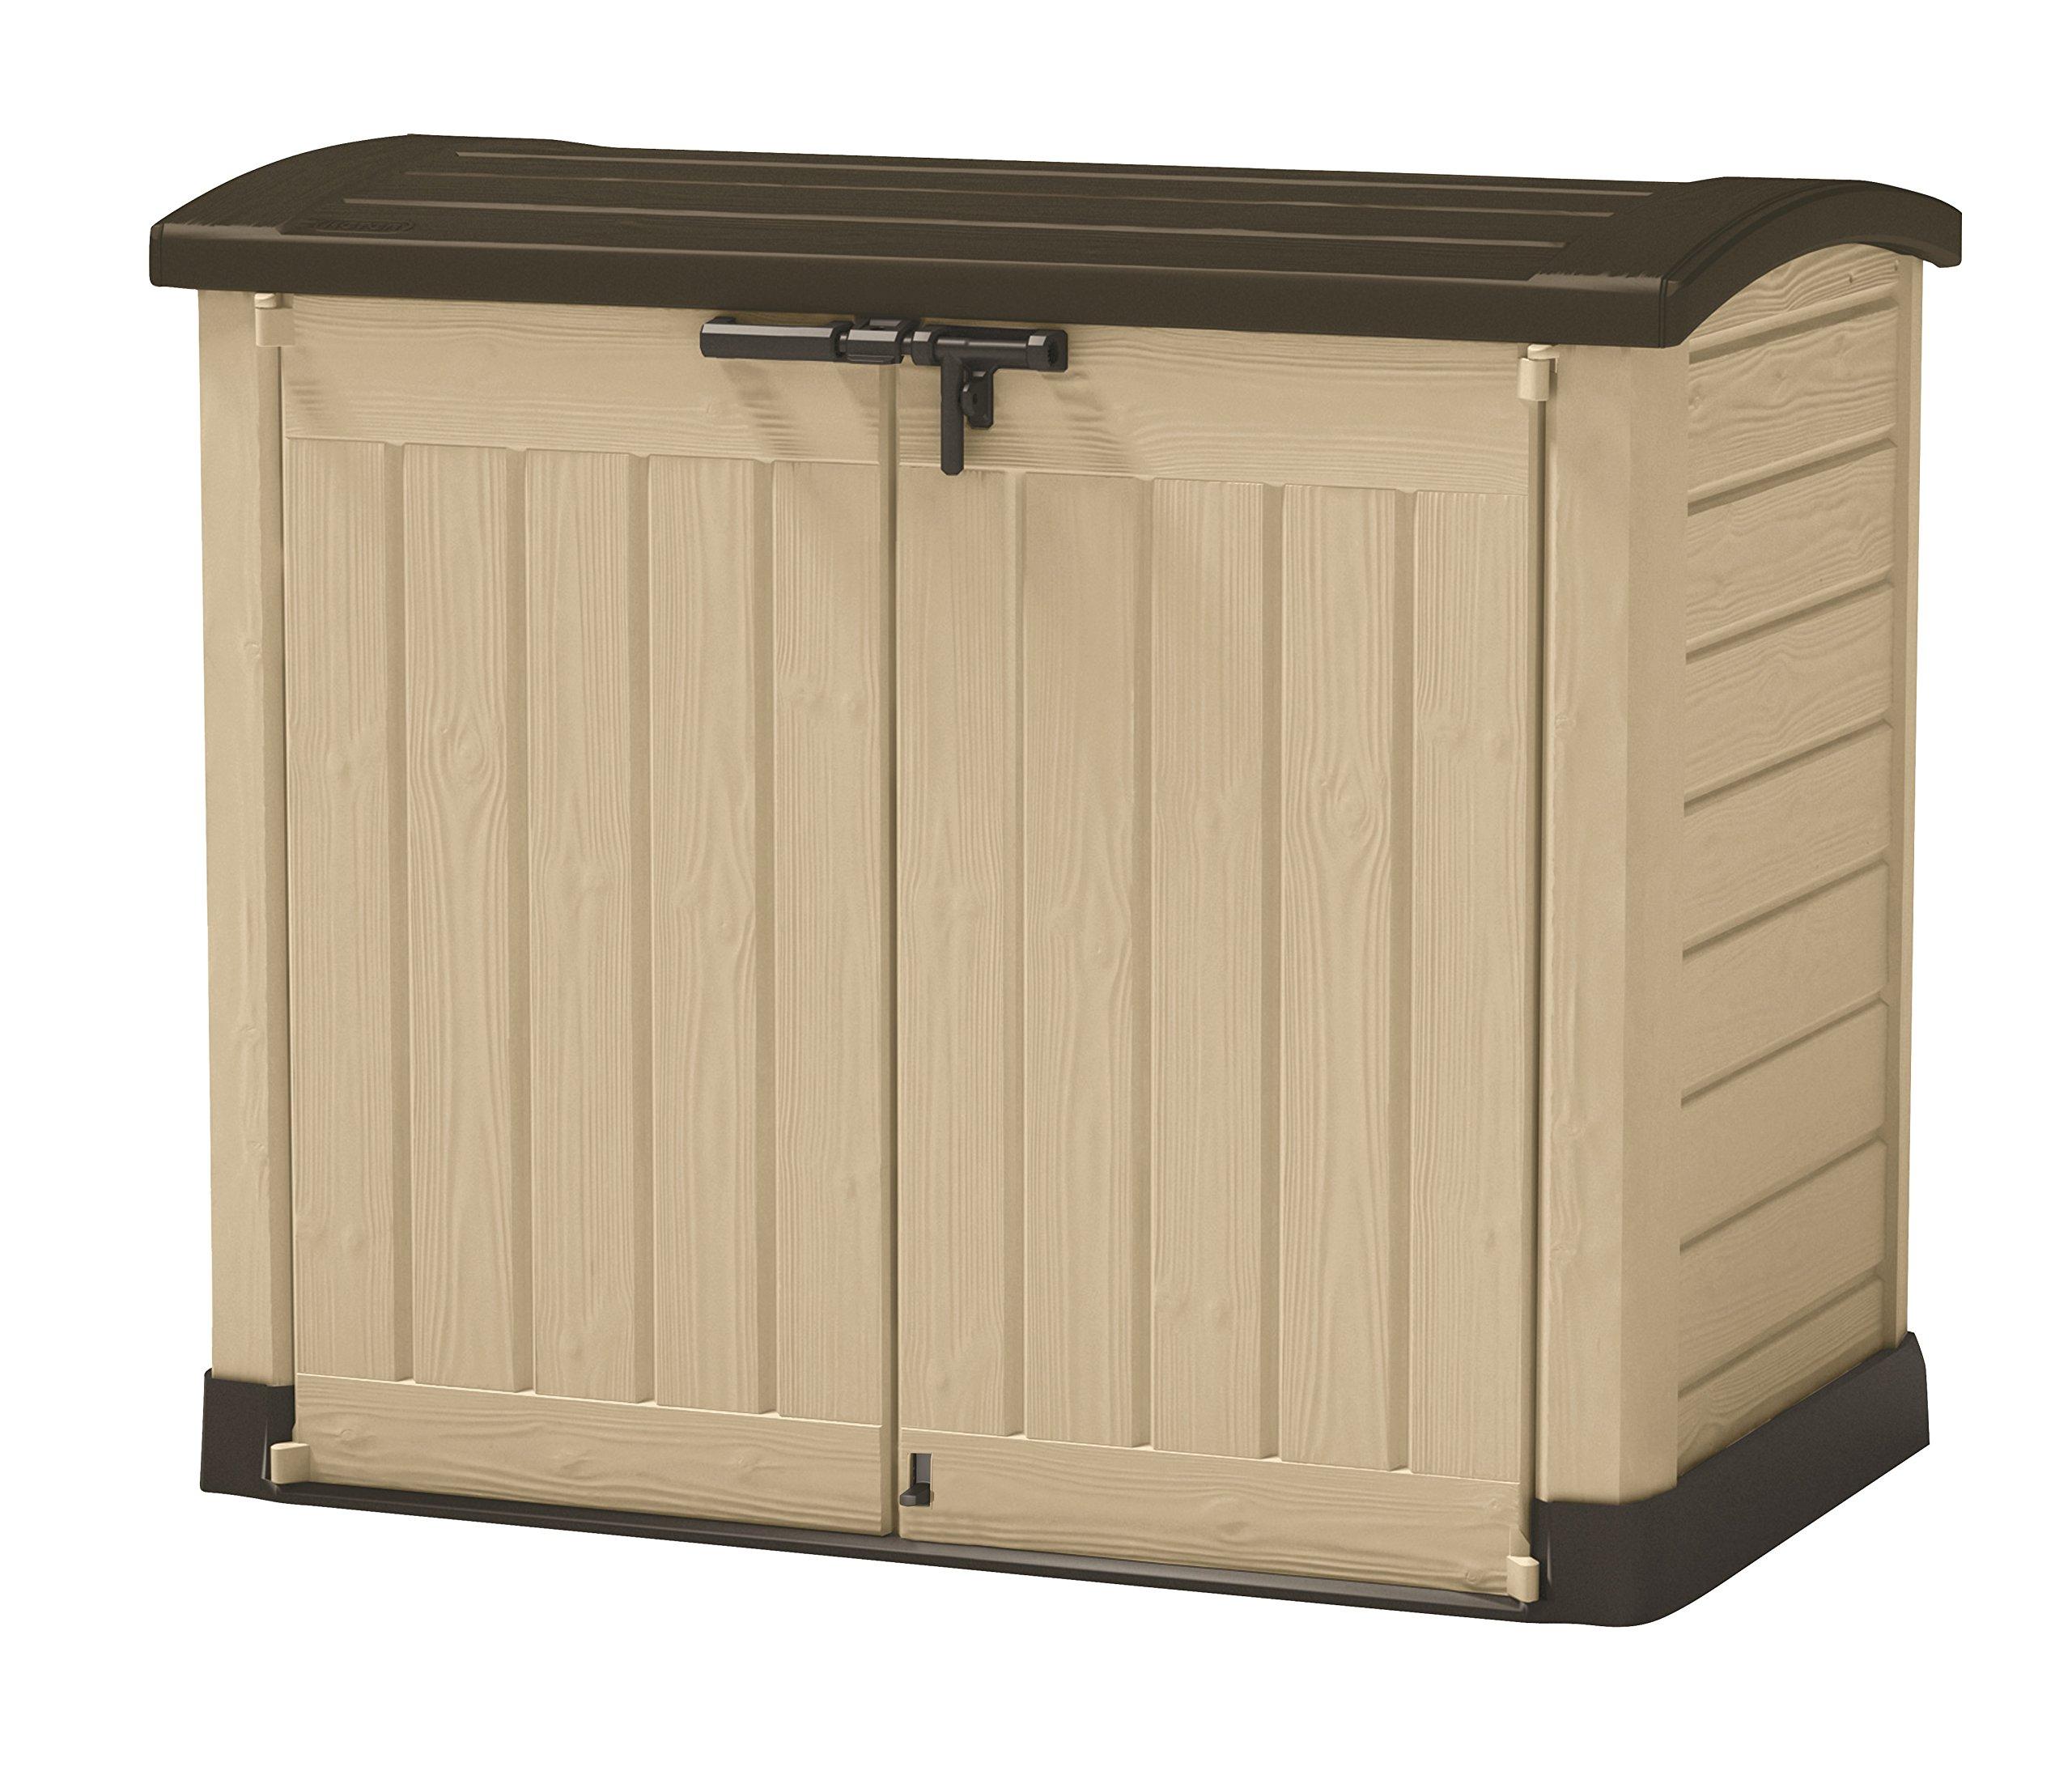 Keter - Cobertizo de jardín exterior Store It Arc. Capacidad 1200 litros. Color topo